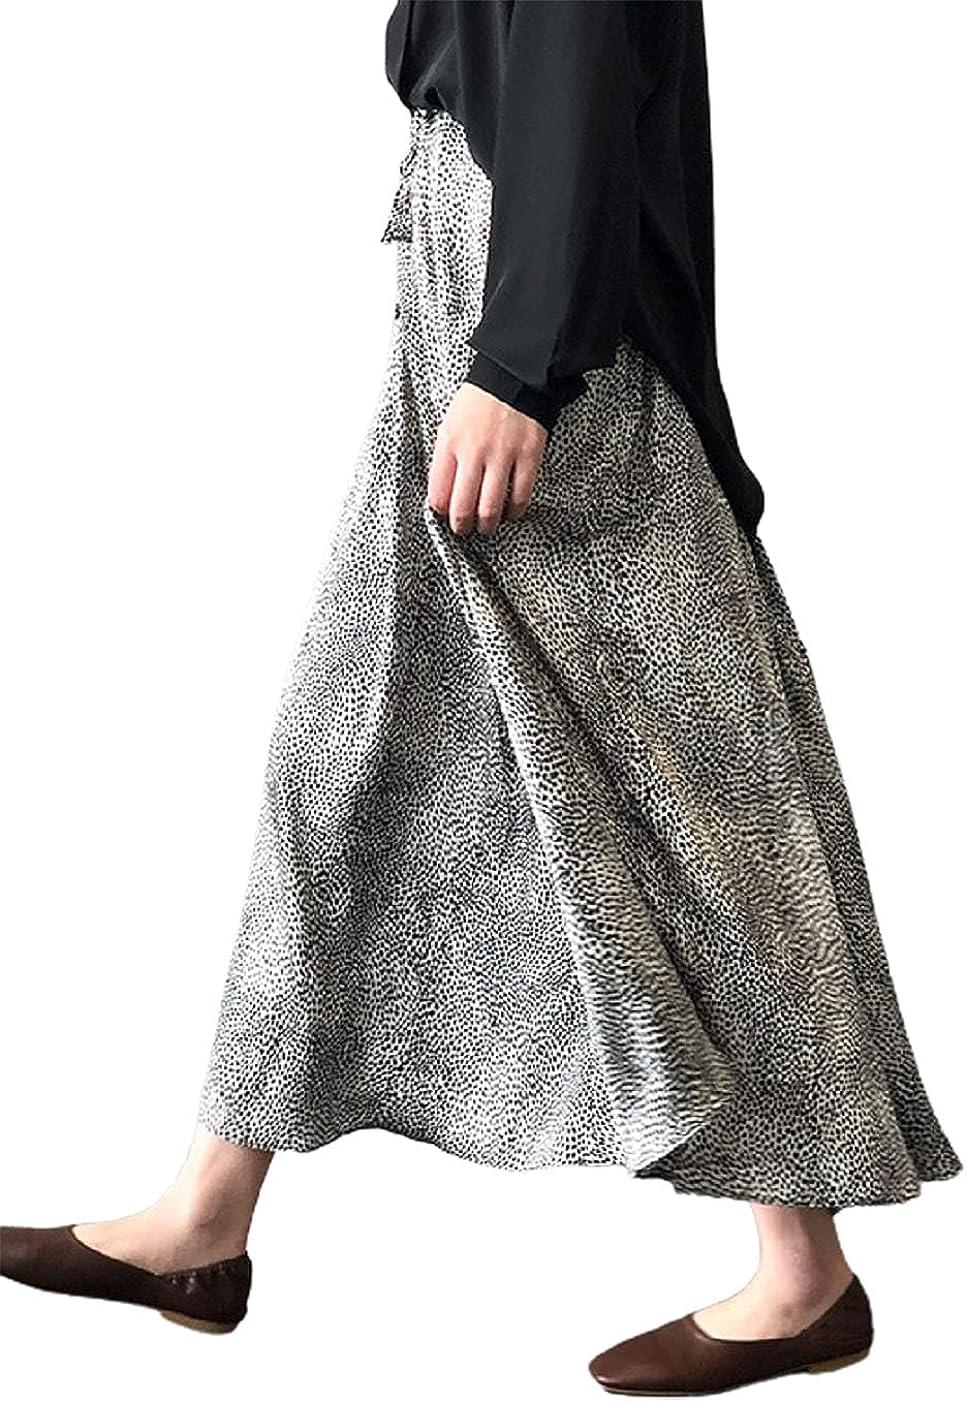 CHARTOU Women's Silky Satin High Waist Leopard Irregular A-Line Long Skirt